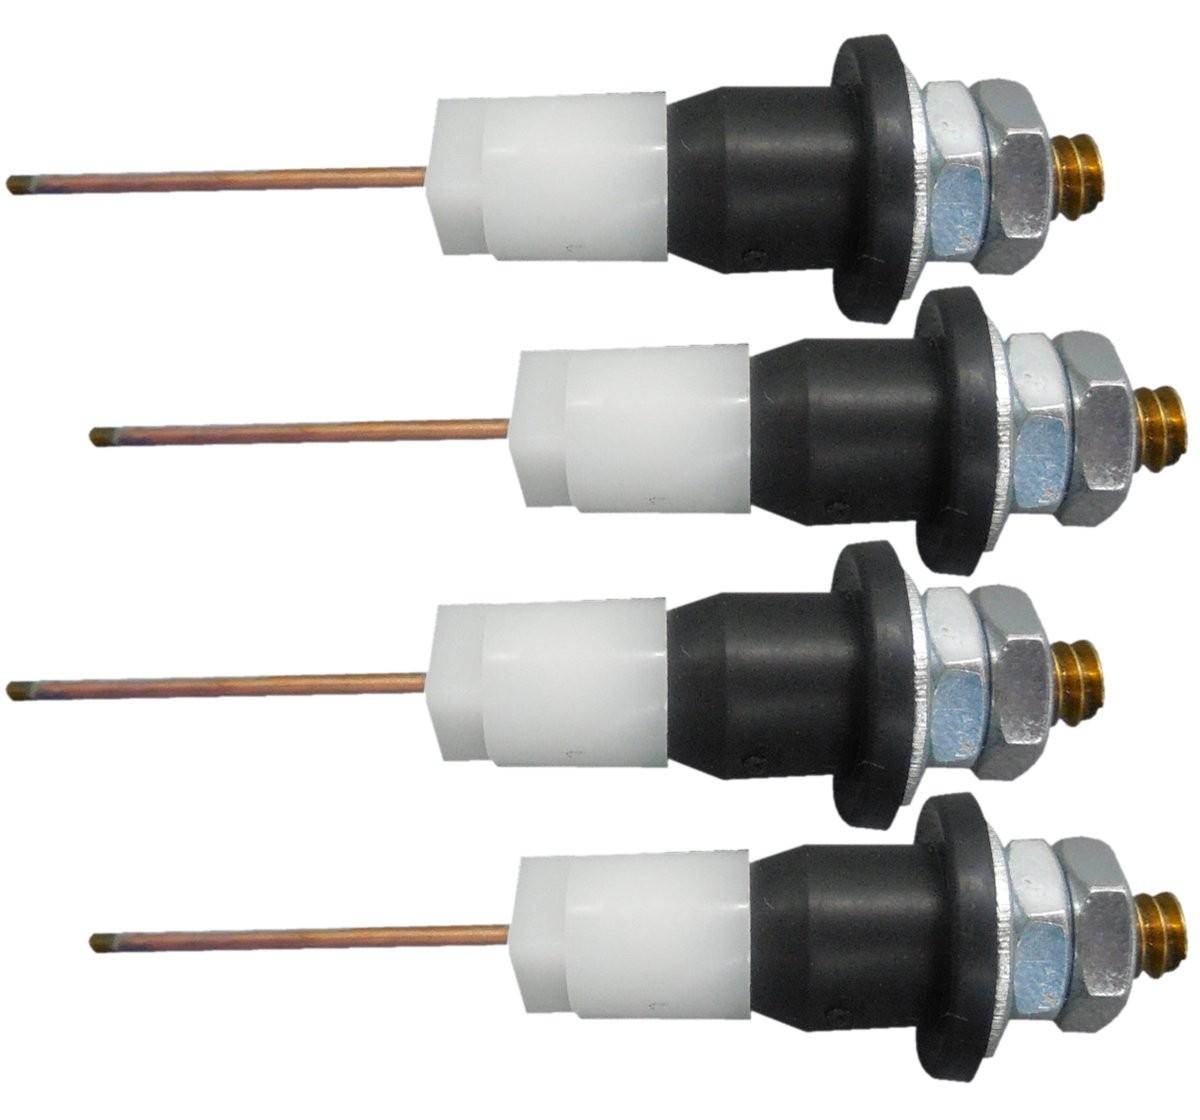 kib monitor panel wiring diagram    kib    micro    monitor       wiring    new    wiring       diagram    image     kib    micro    monitor       wiring    new    wiring       diagram    image